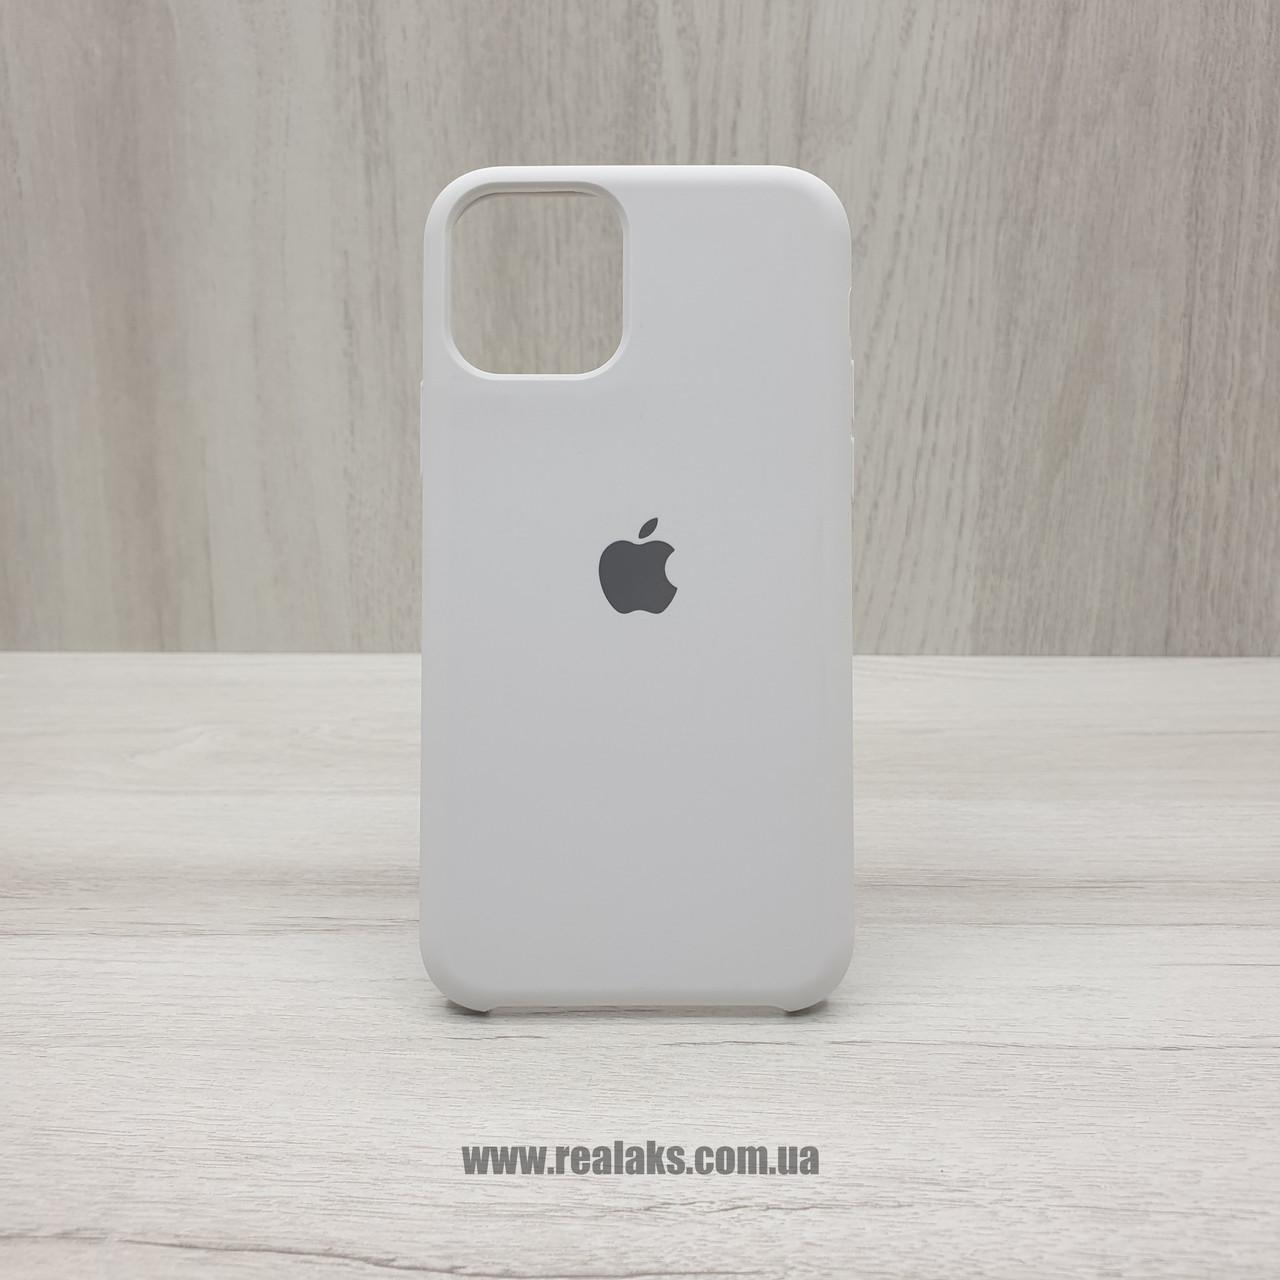 Чехол Silicone Caseдля Apple iPhone 11 PRO white